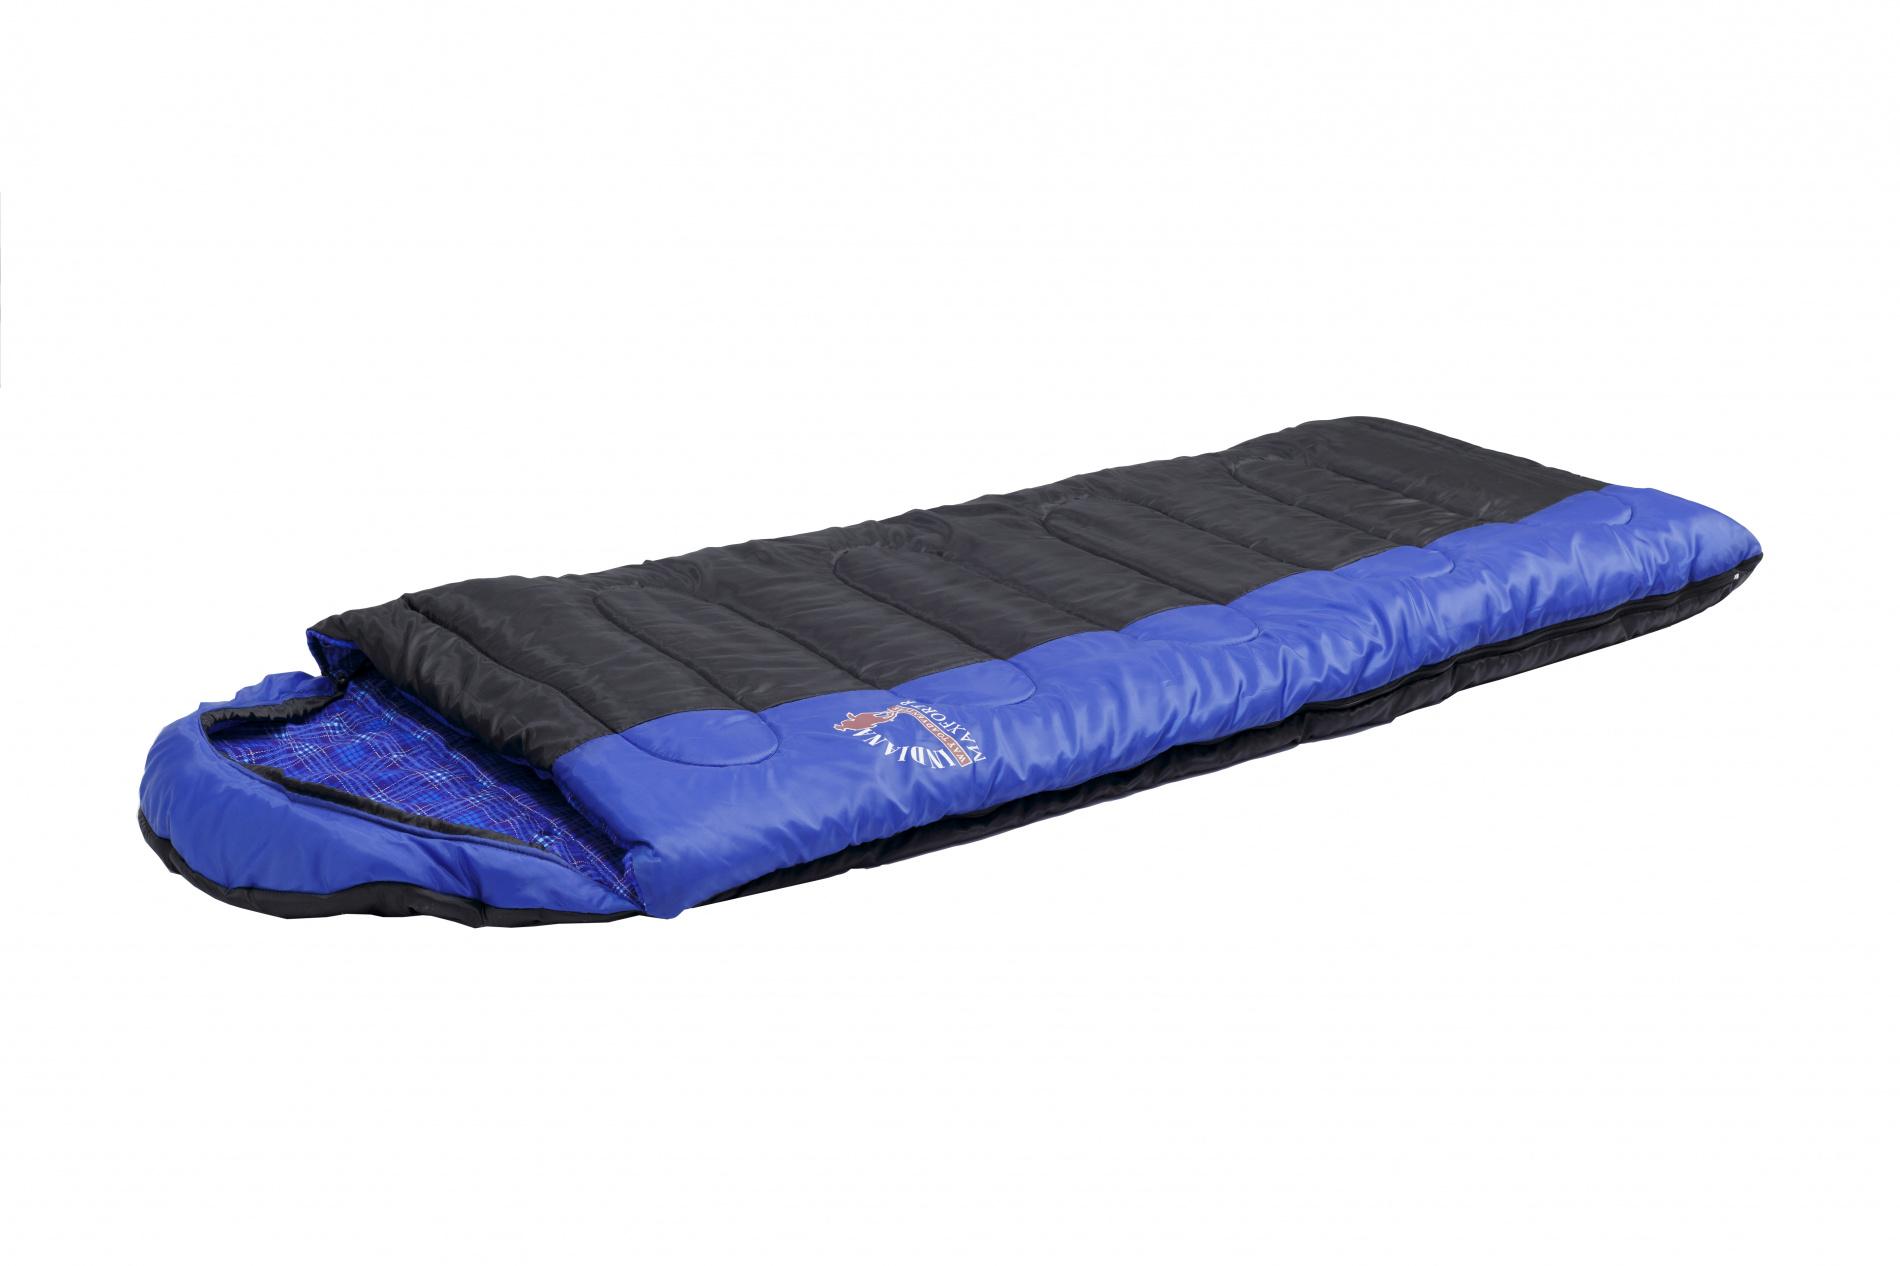 Спальный мешок MAXFORT L-zip от -8 C (одеяло с подголов Спальники<br>Спальный мешок MAXFORT L-zip от -8 C (одеяло с подголов <br>фланель 195+35X90 см)<br>Cпальный мешок-одеяло с капюшоном-подголовником, <br>который можно использовать в путешествиях <br>на природу и повседневной жизни. Отличительной <br>особенностью этой модели, является использования <br>хлопковой фланели в качестве подкладки, <br>что увеличивает комфортность использования <br>спальника. <br>Выпускается как с левой так и с правой молнией, <br>что позволяет соединить два спальник друг <br>с другом.<br>Молния слева<br>Характеристики<br>Масса: 2,9 кг <br>Экстремальная температура: С-8<br>Температура комфорта: С+10<br>Верхняя температура комфорта: С+5<br>Наполнитель: Fiber Warm<br>Размеры: 195+35х90 см<br>Размеры: в чехле 49х25 см<br>Внутренняя ткань: хлопок<br>Внешняя ткань: полиэстер<br><br>Сезон: демисезонный